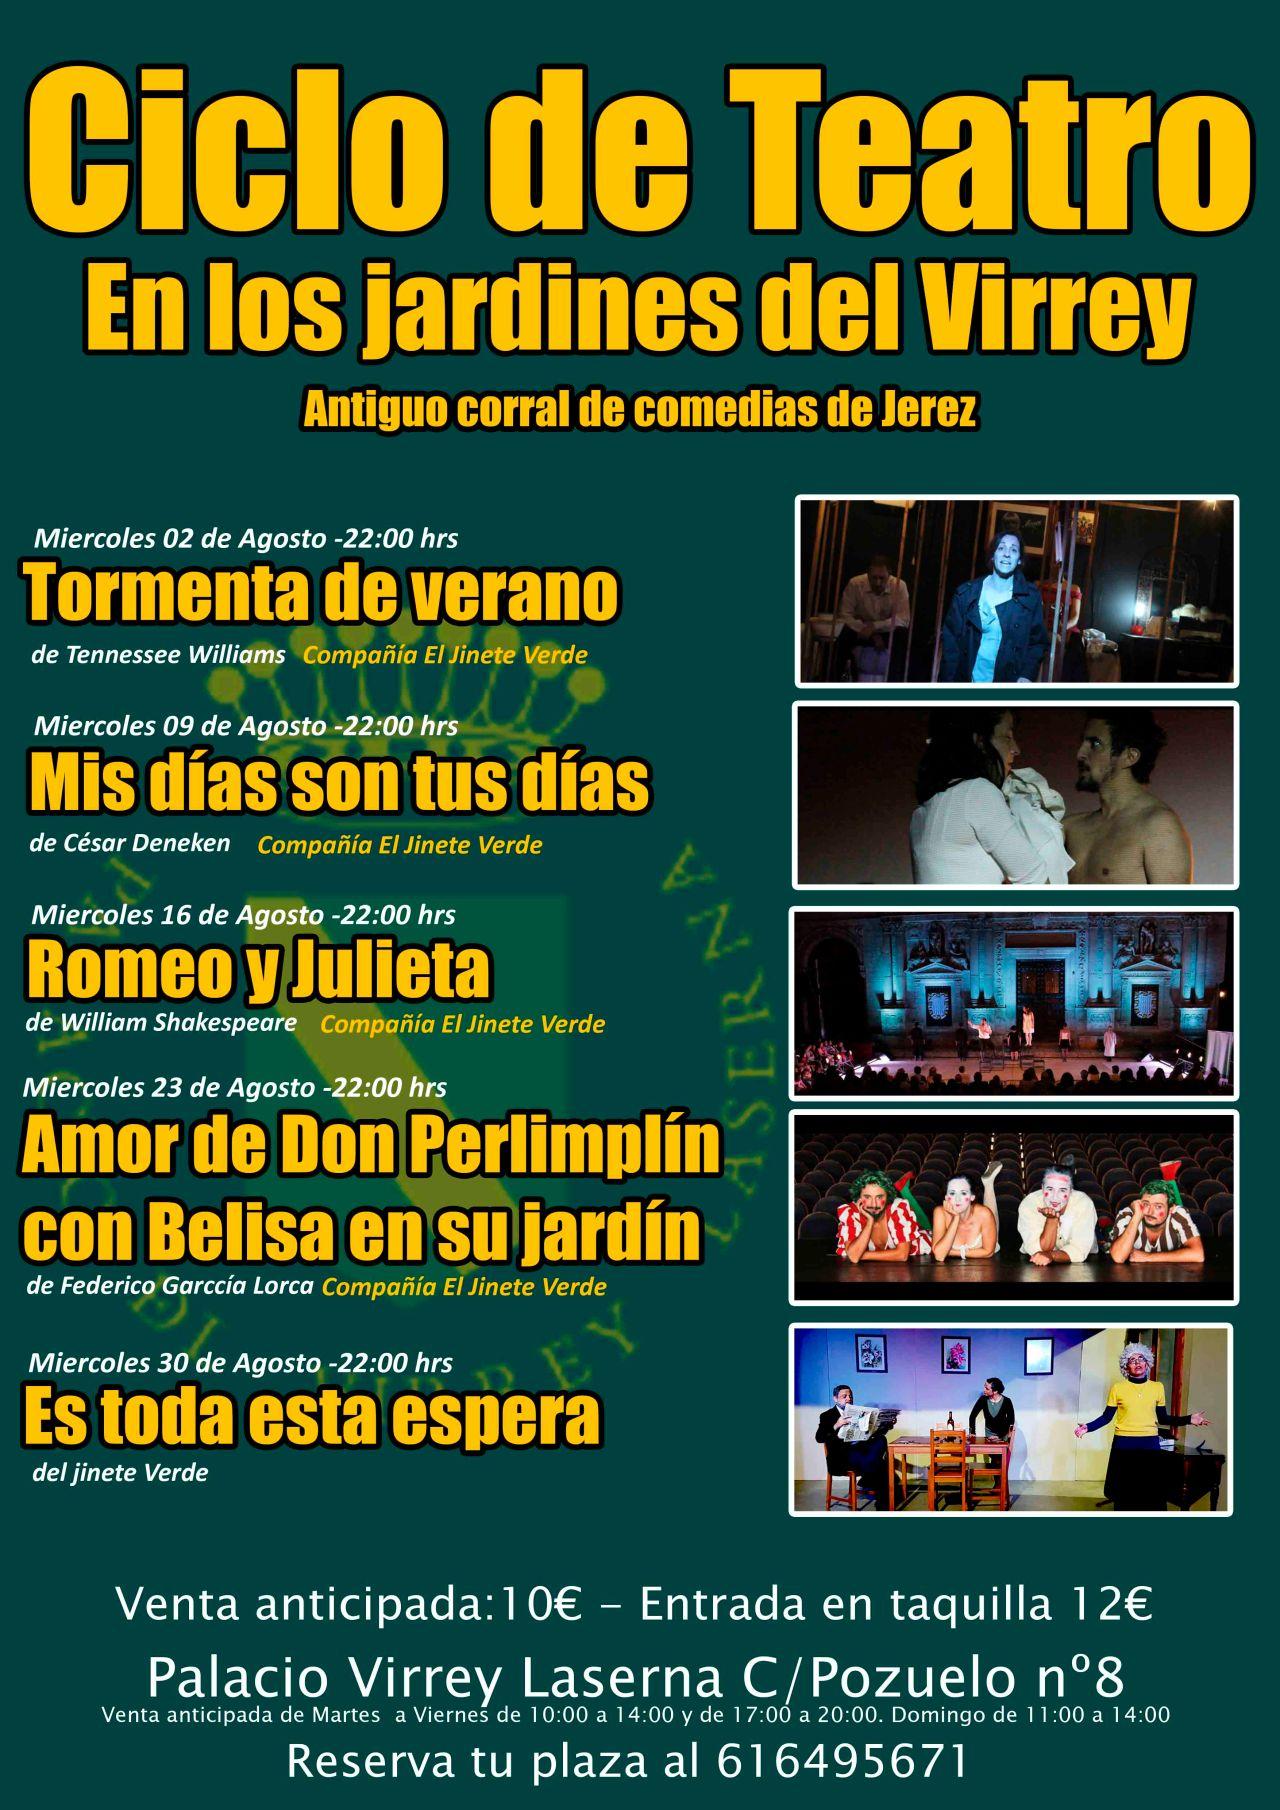 Discover Sherry recommends: Ciclo de Teatro en los jardines del Palacio del Virrey Laserna, Jerez.(Spanish)